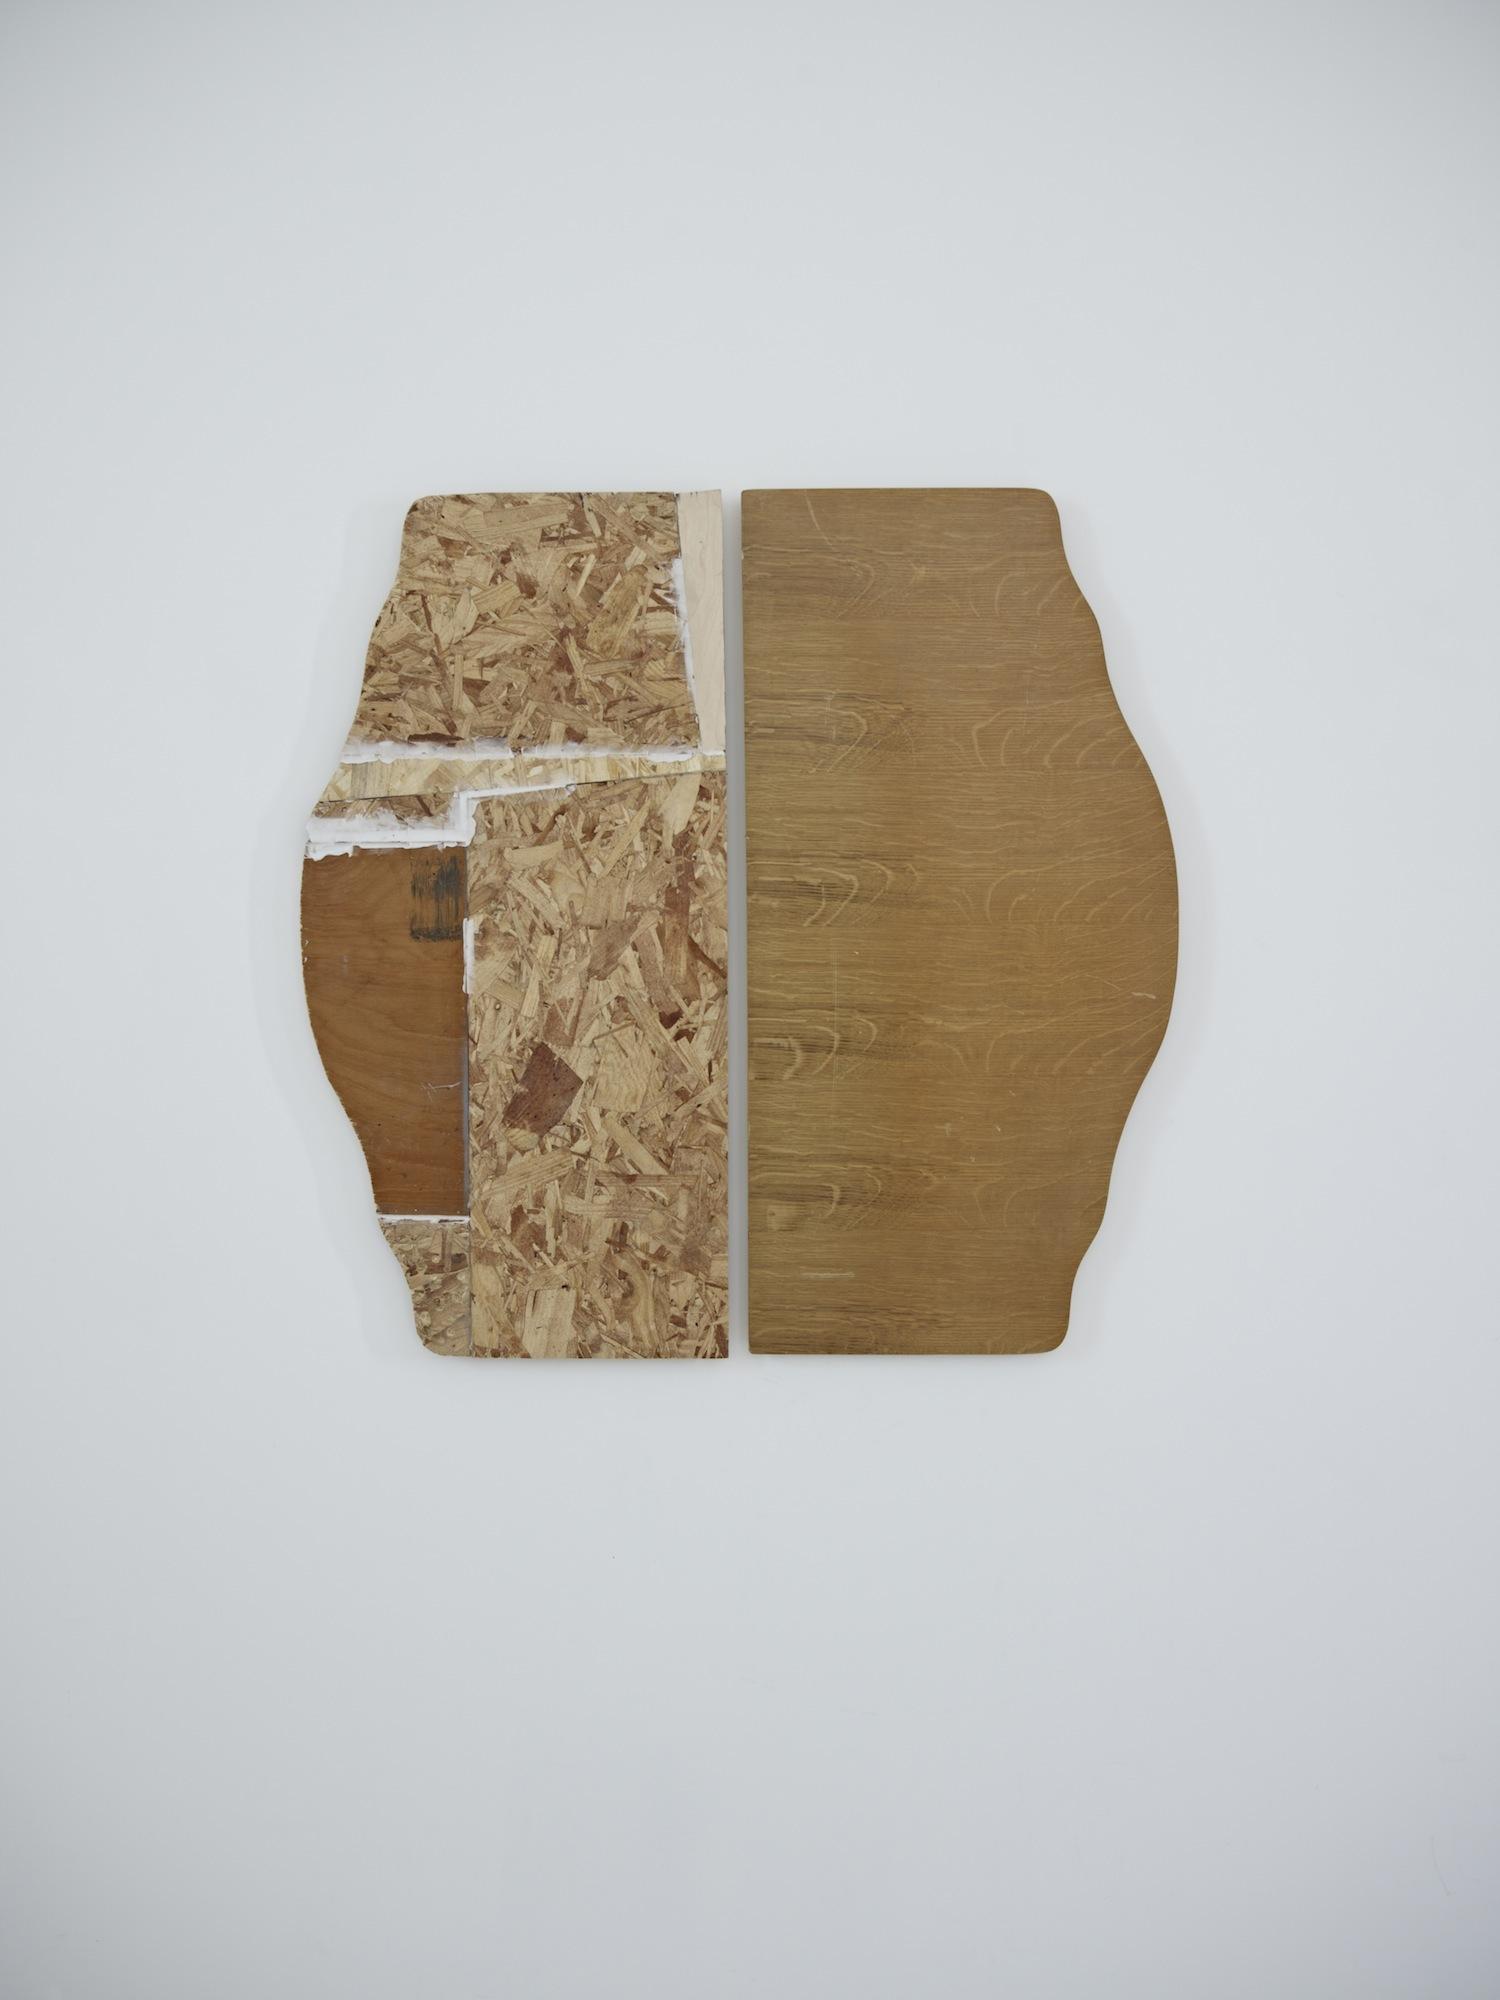 Untitled (Salloon)2013